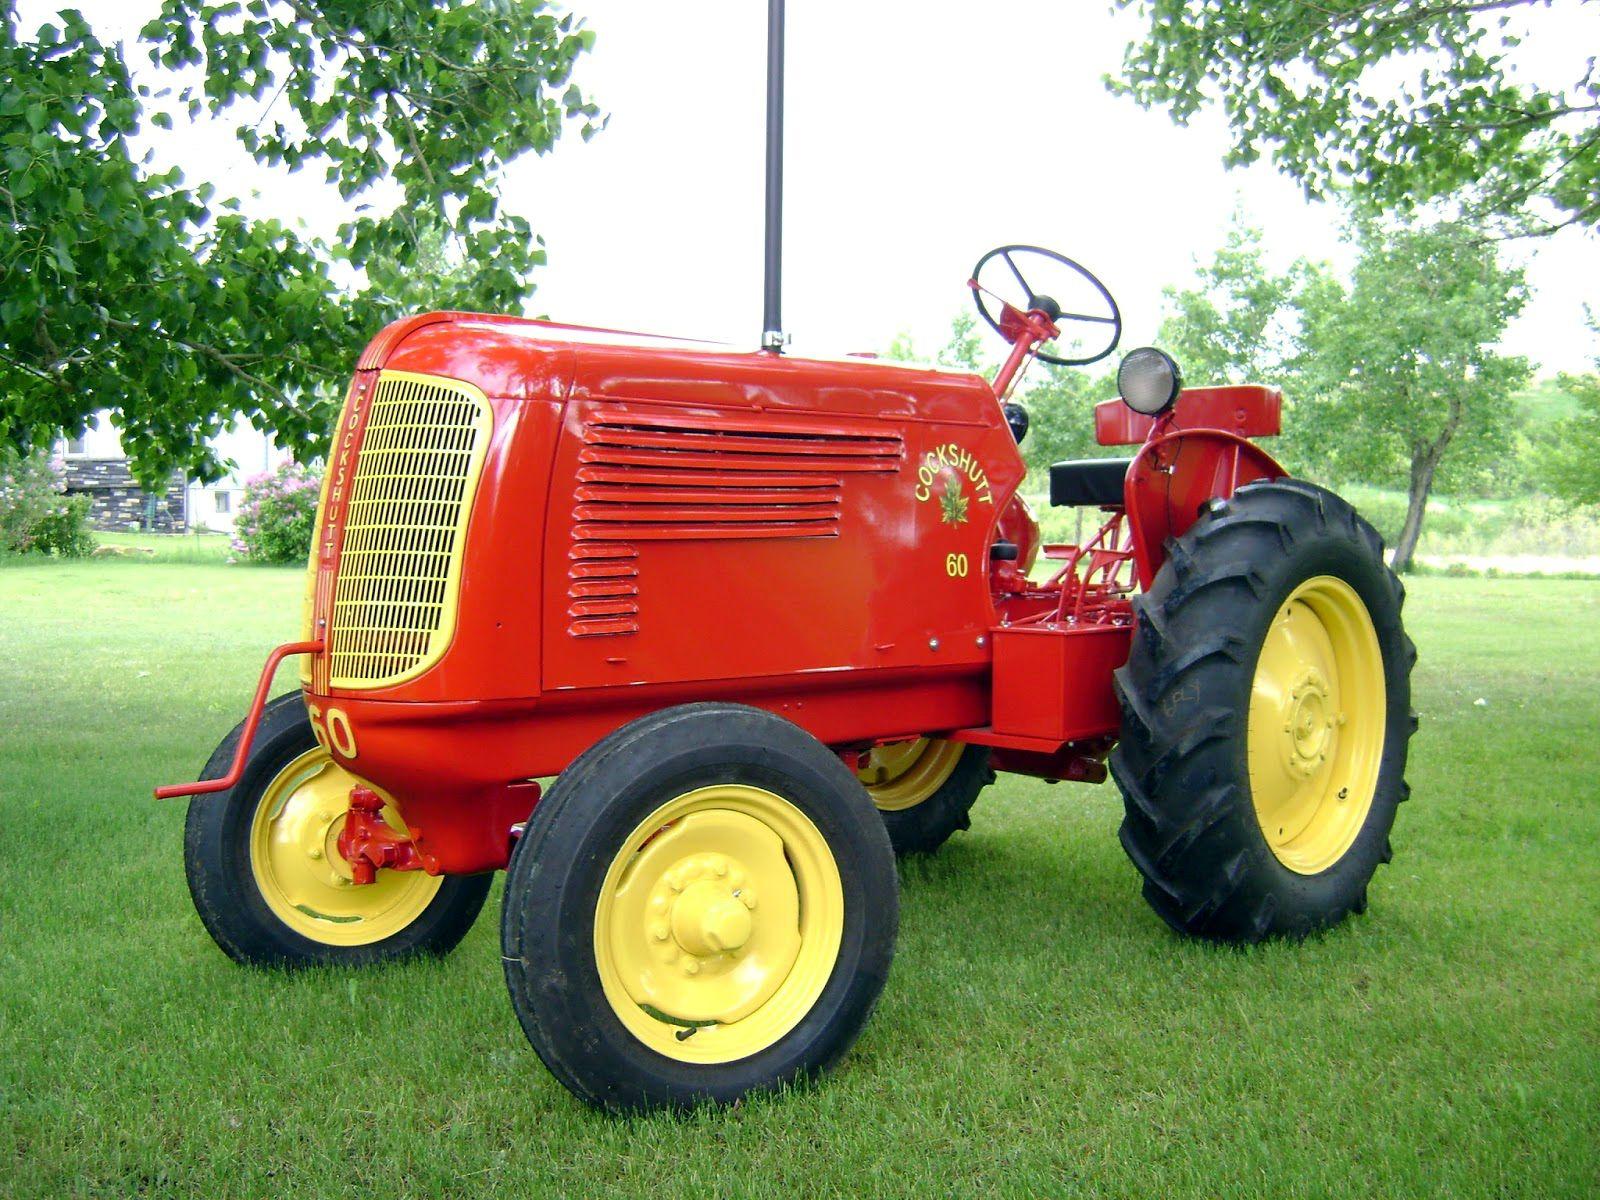 Cockshutt 60 classic tractor tractors old tractors